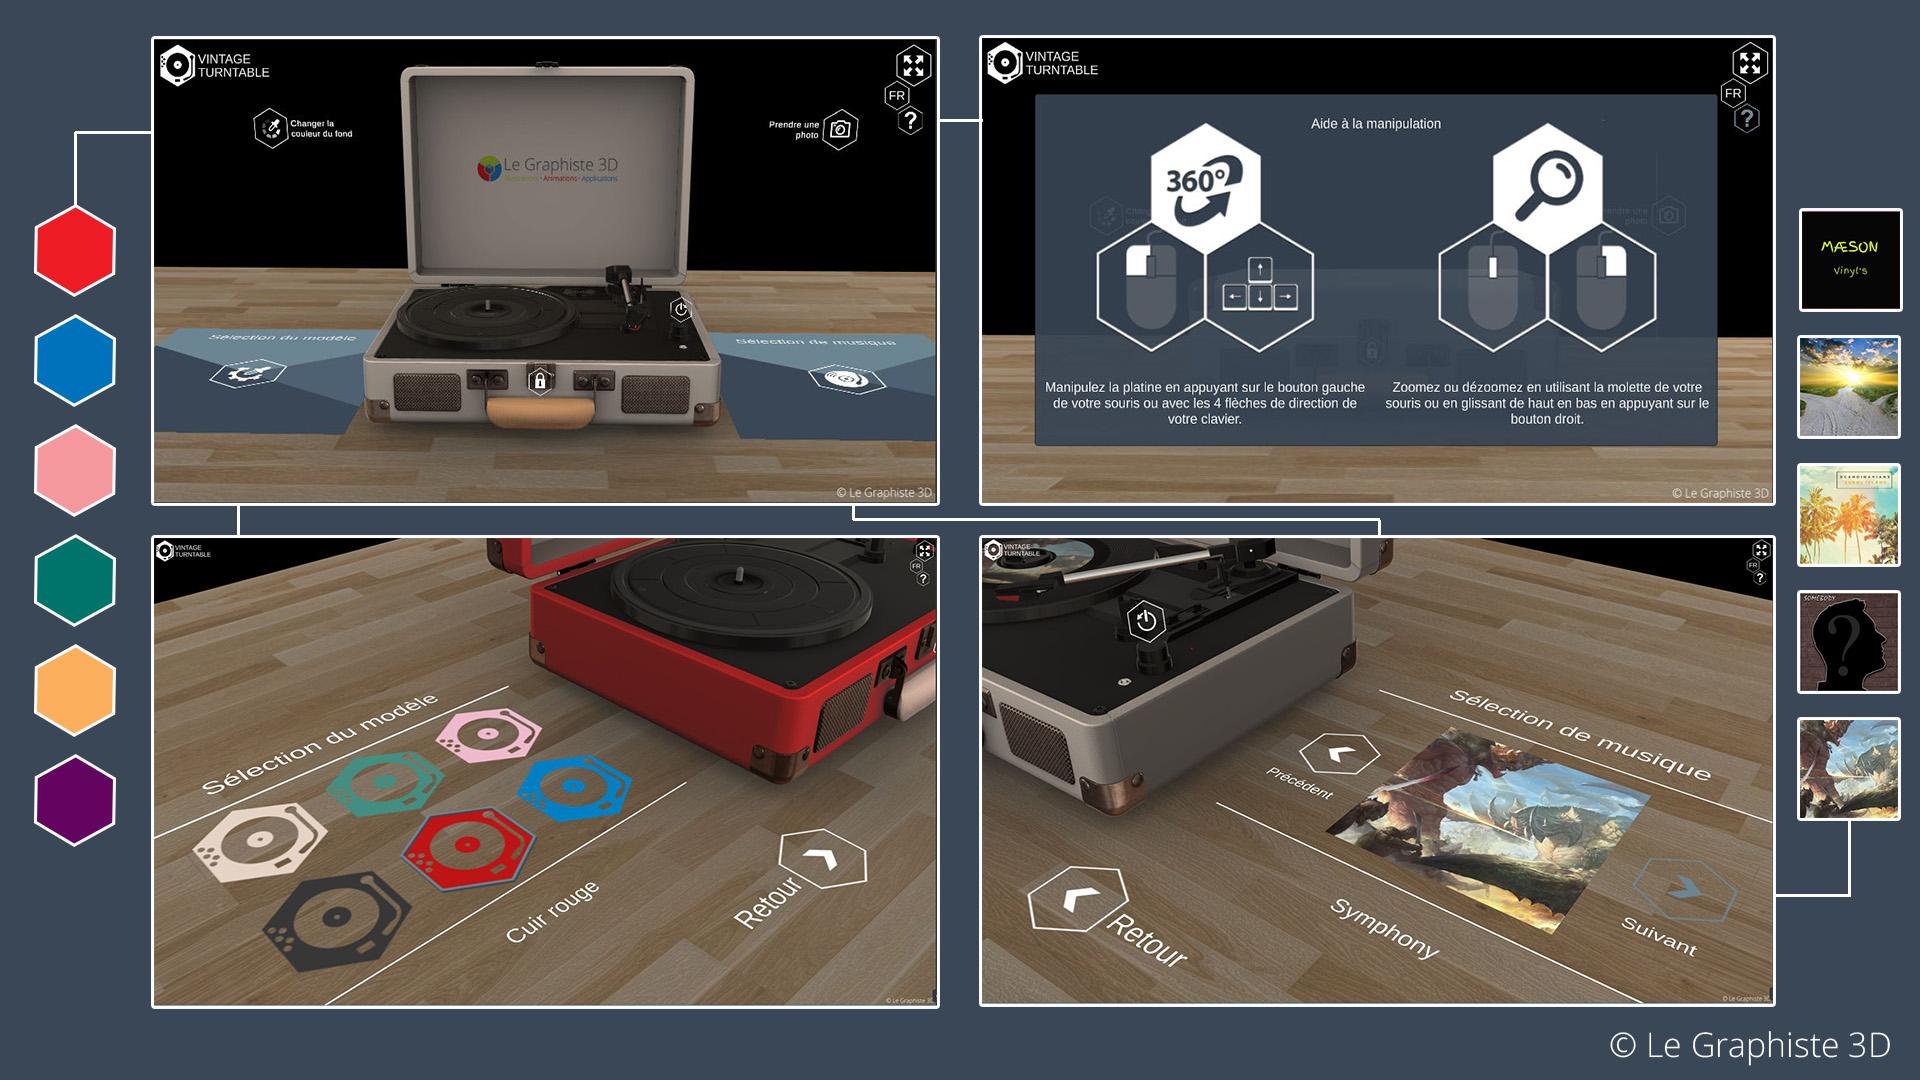 Application 3D temps réel - Design et interface - Le Graphiste 3D